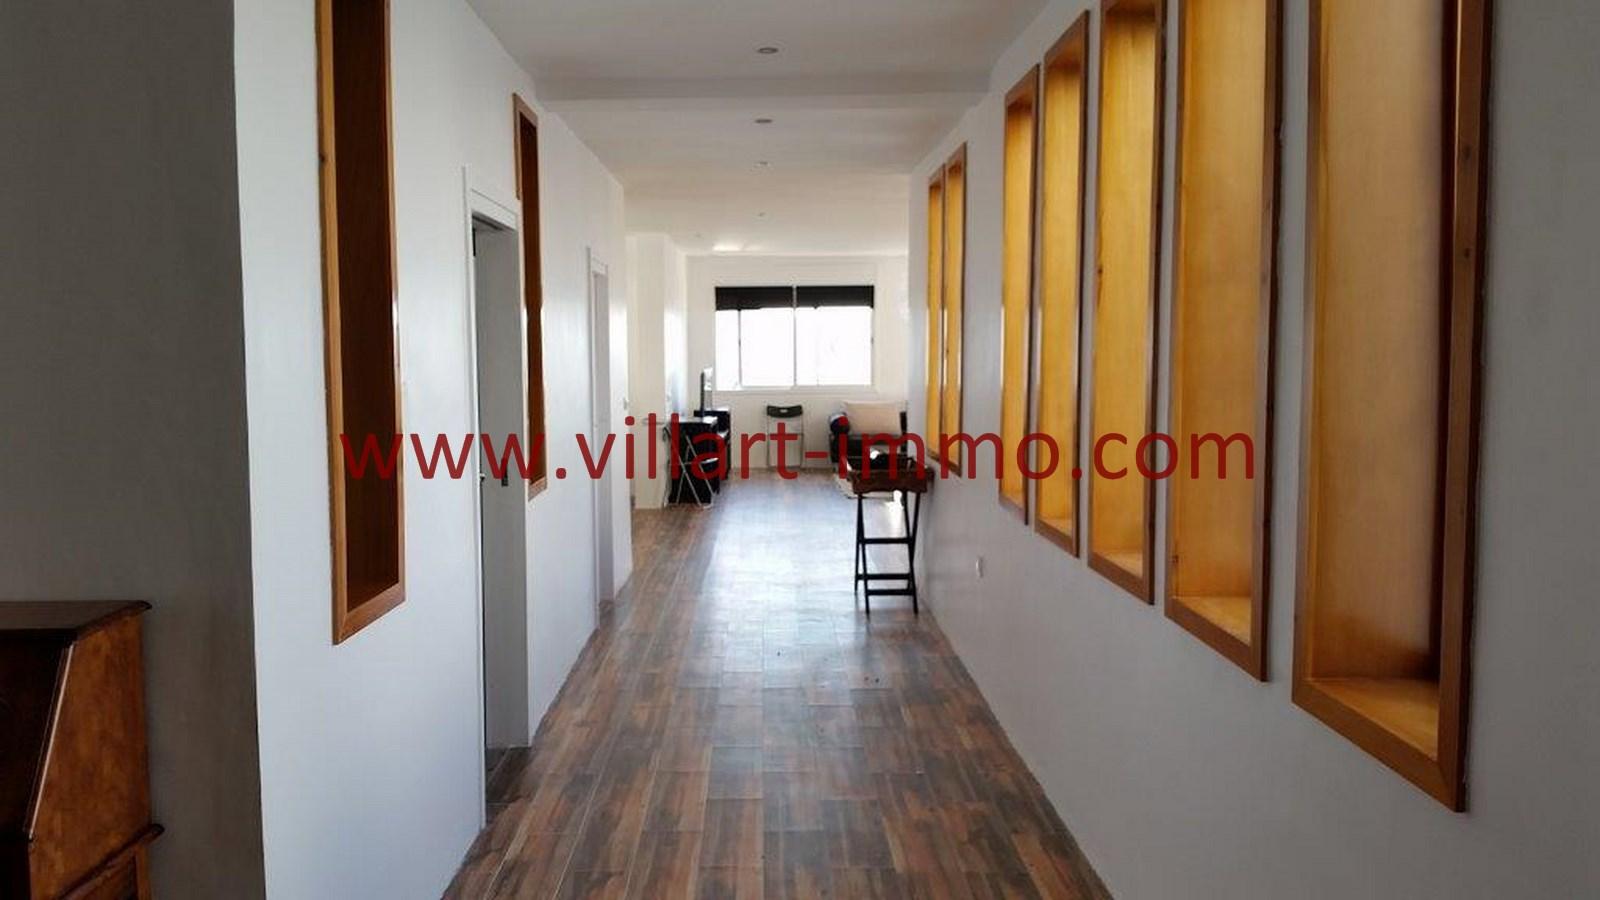 a vendre un magnifique appartement f4 au centre ville de tanger villart. Black Bedroom Furniture Sets. Home Design Ideas